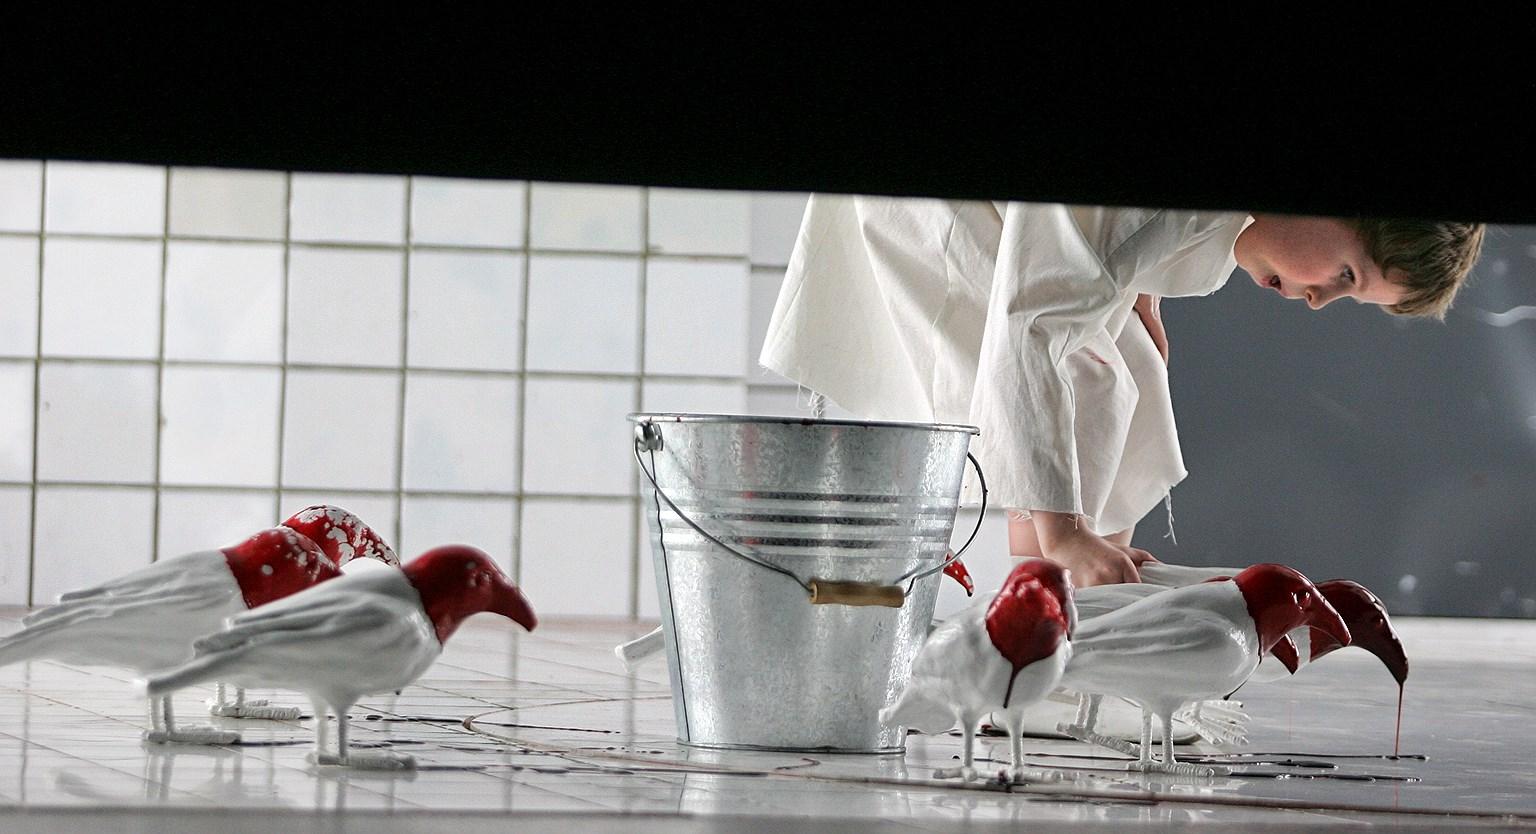 Спектакль «Человек-подушка» на сцене МХТ имени А.П.Чехова. Постановка К. Серебренникова